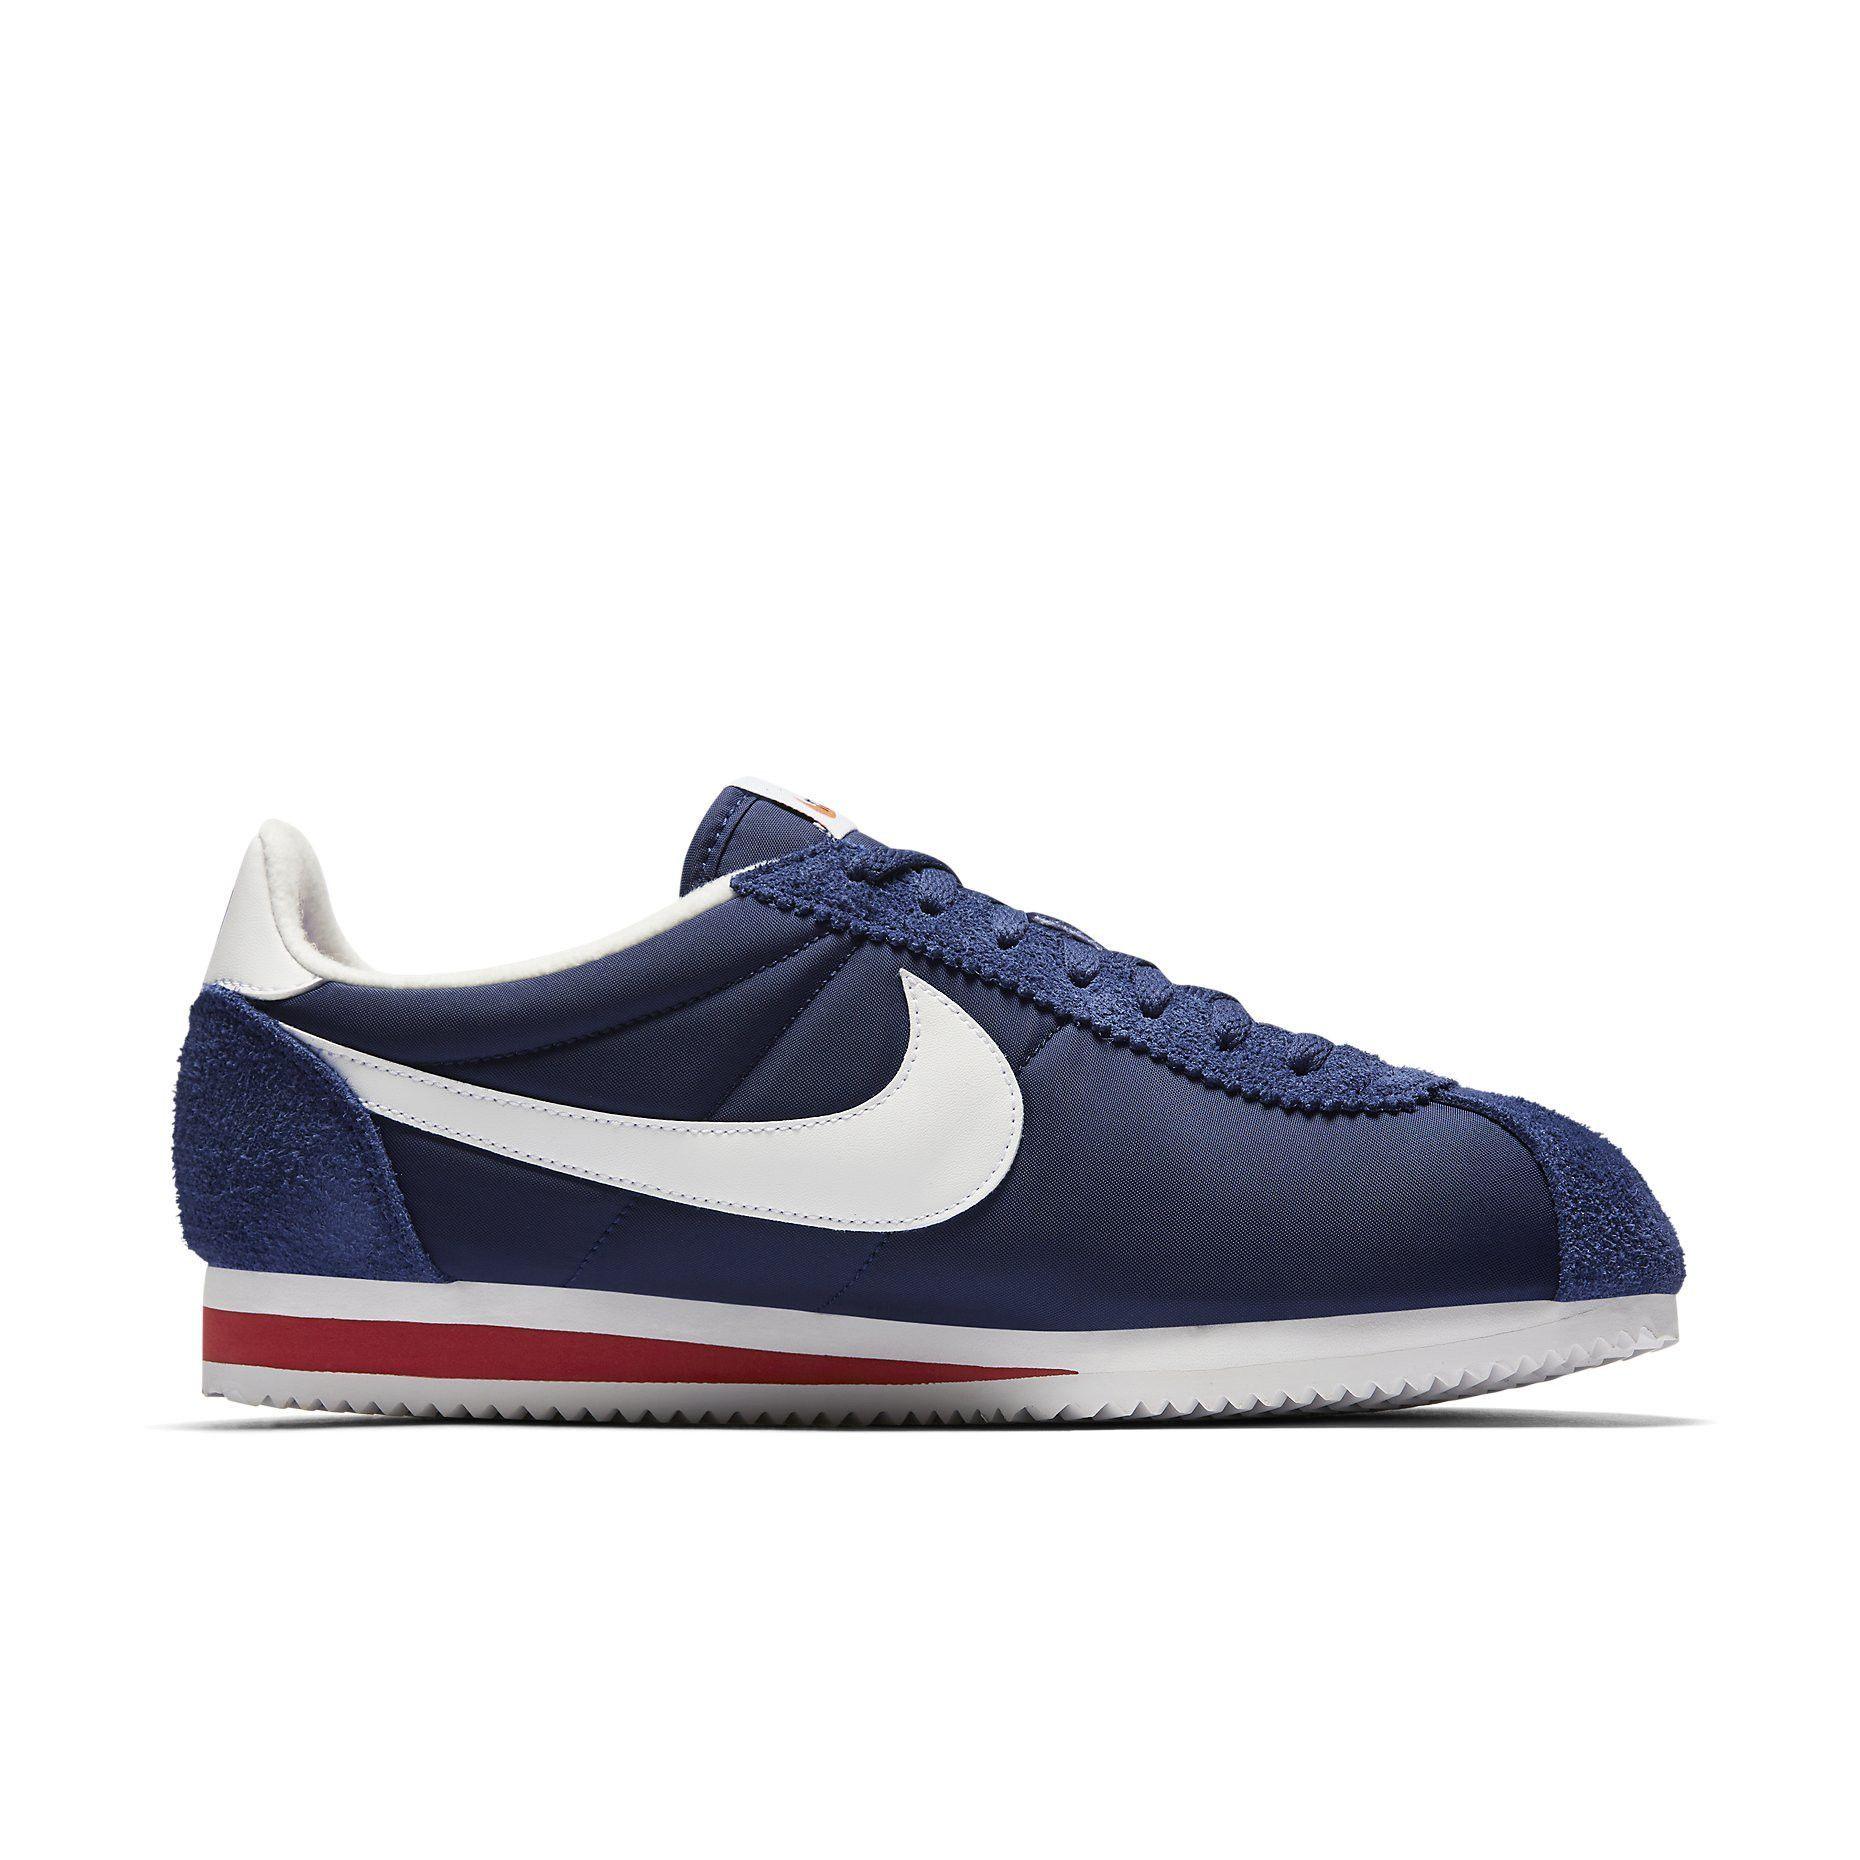 Nike Cortez Nylon Midnight Navy,white saiz.co.uk